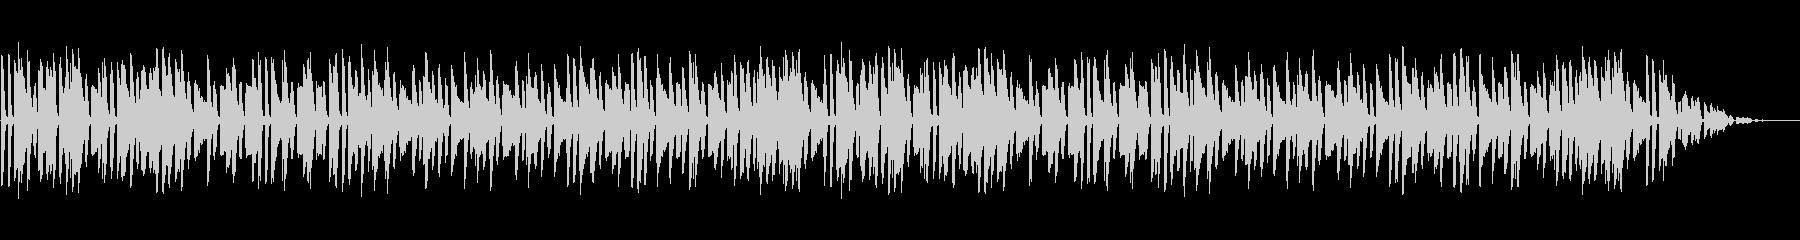 軽快で楽しげで聞きやすいピアノソロの未再生の波形